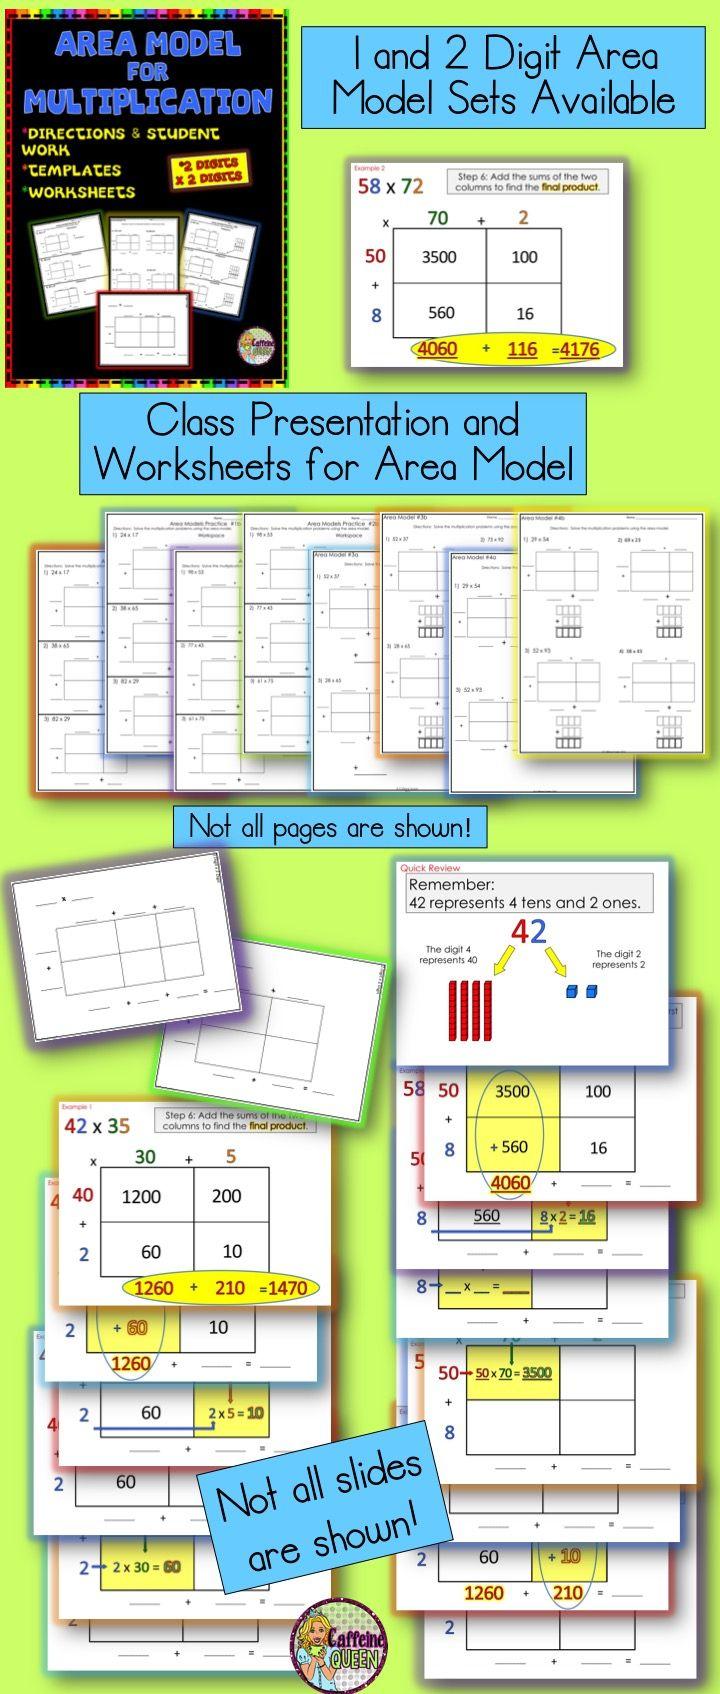 area model open array presentation and worksheets multiplication practice models and. Black Bedroom Furniture Sets. Home Design Ideas